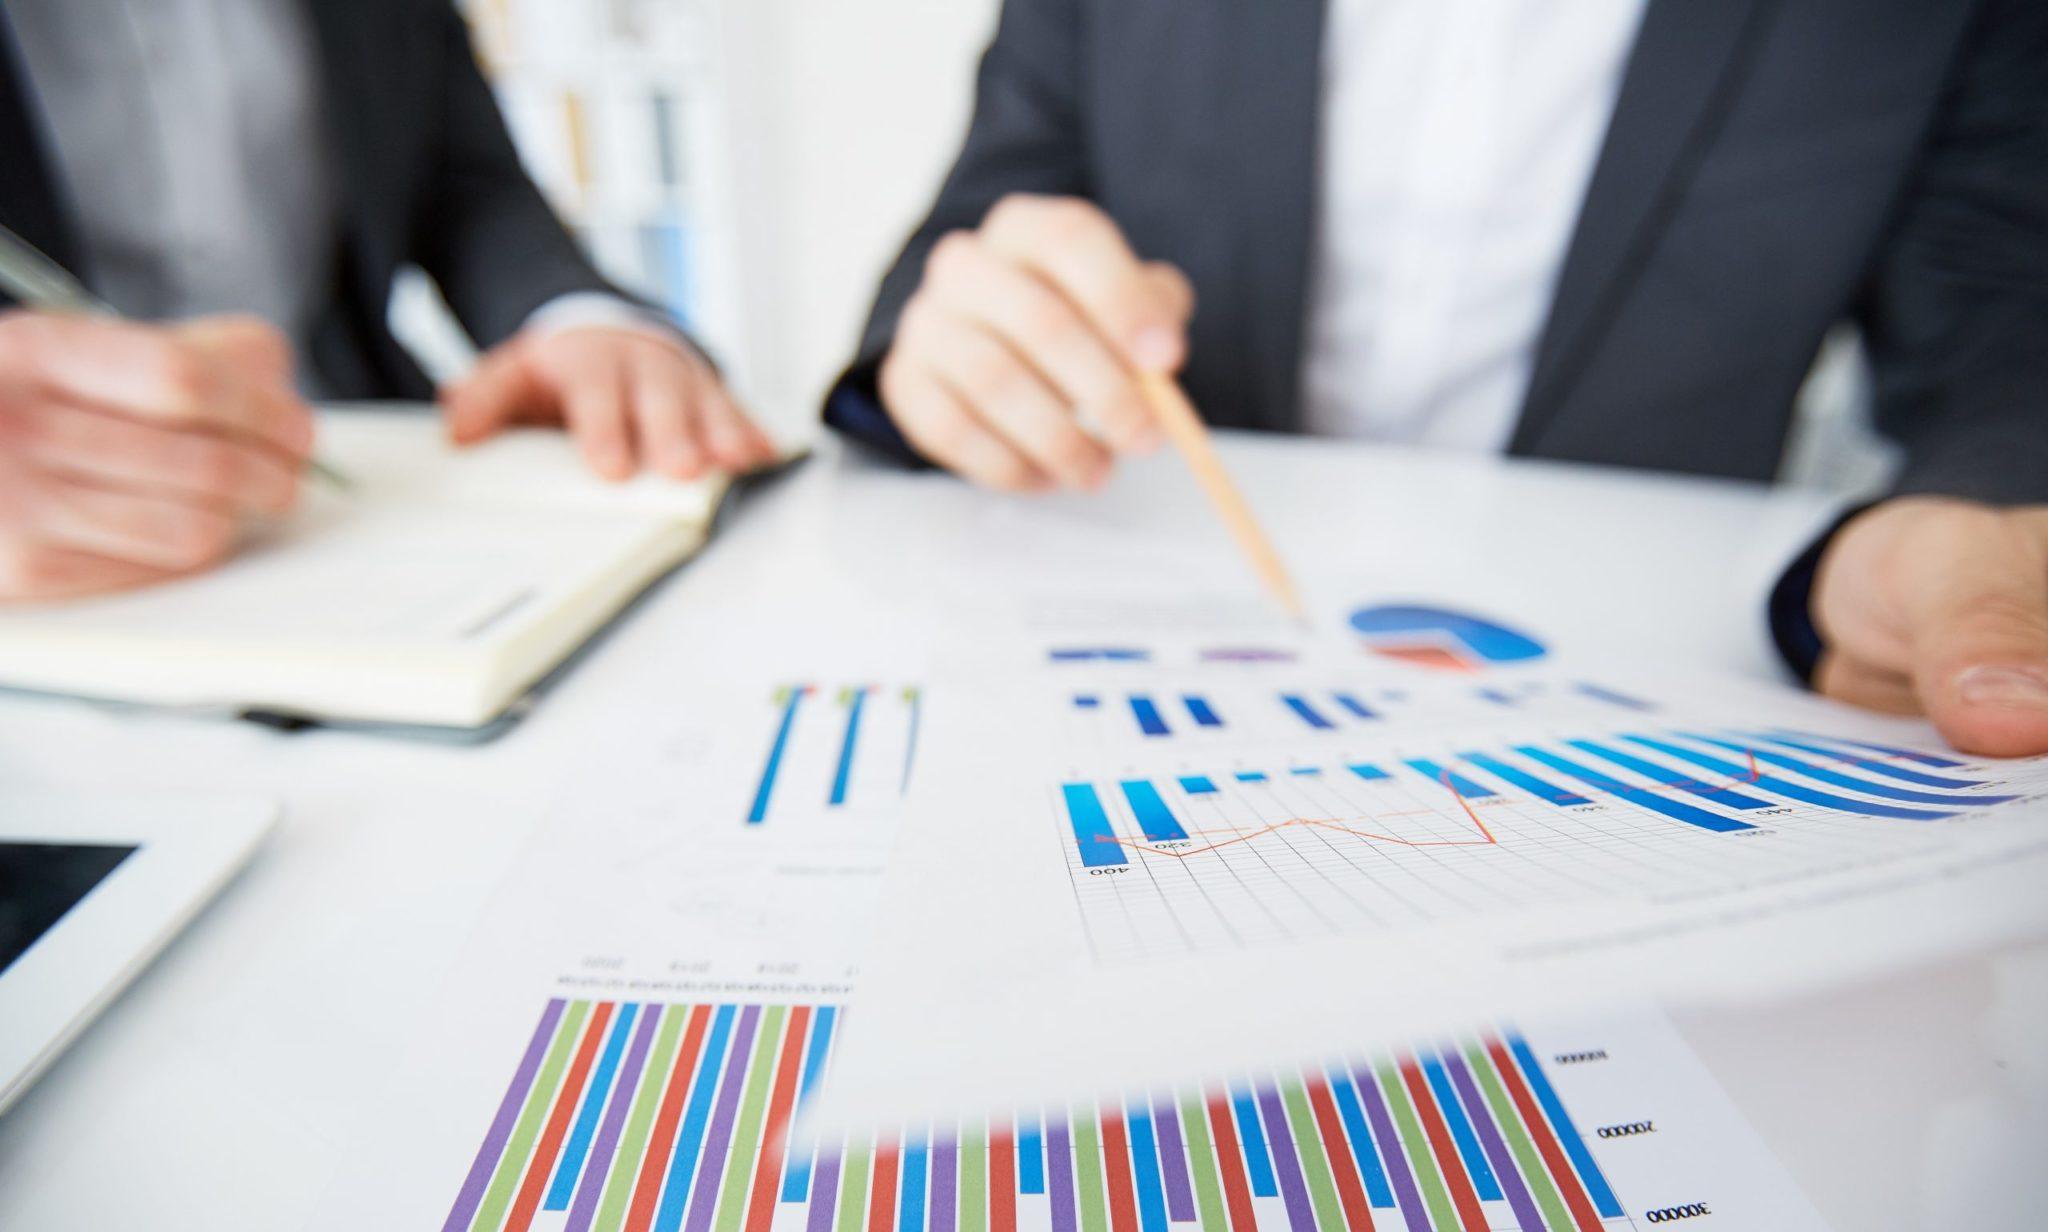 Dois homens simulando um gráfico no papel no boletim focus.